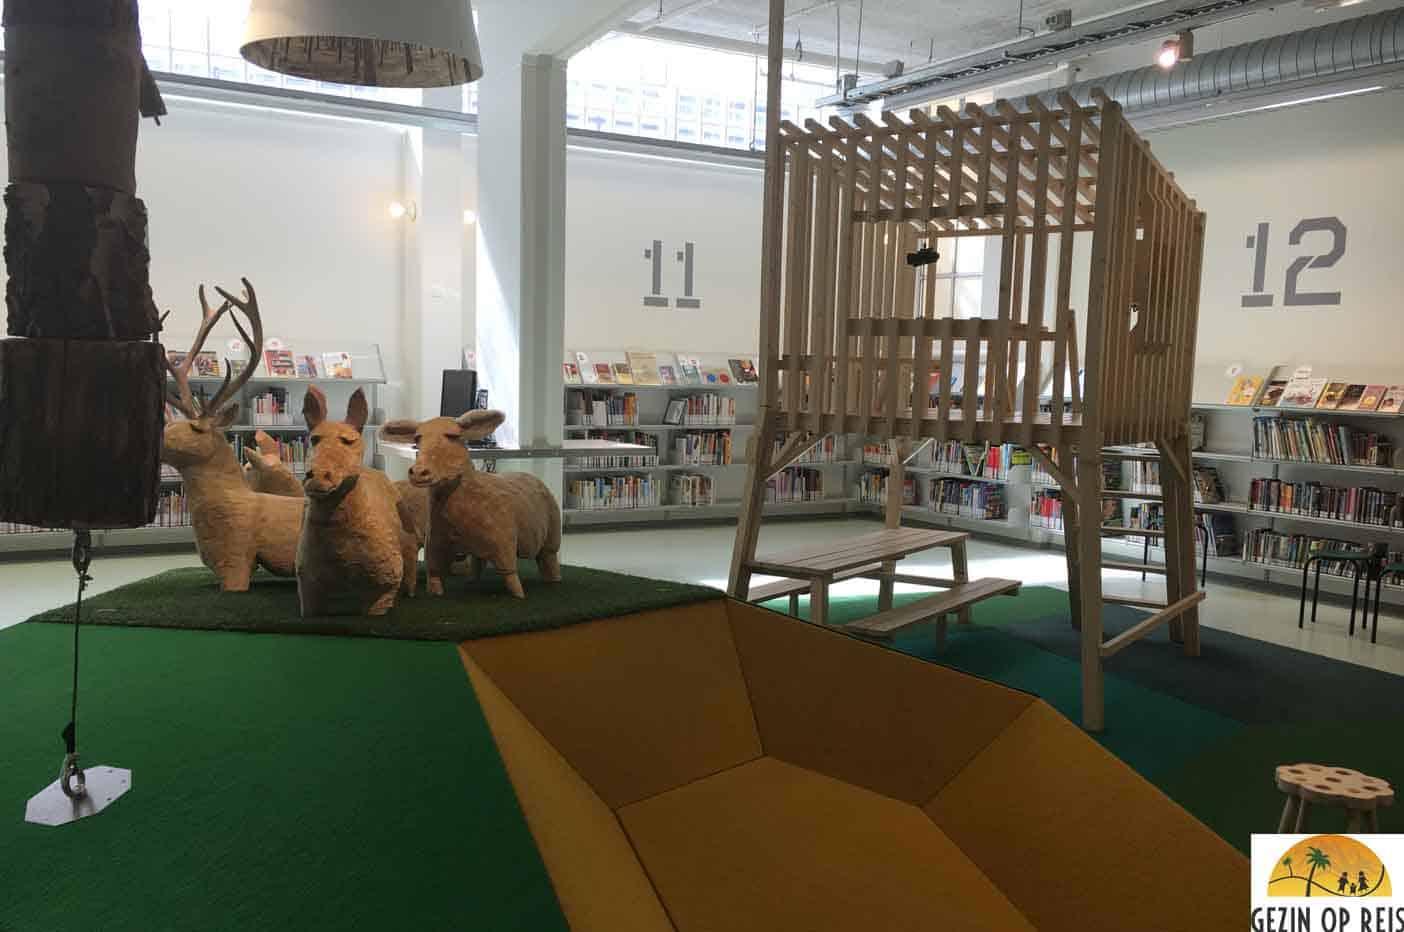 bibliotheek apeldoorn